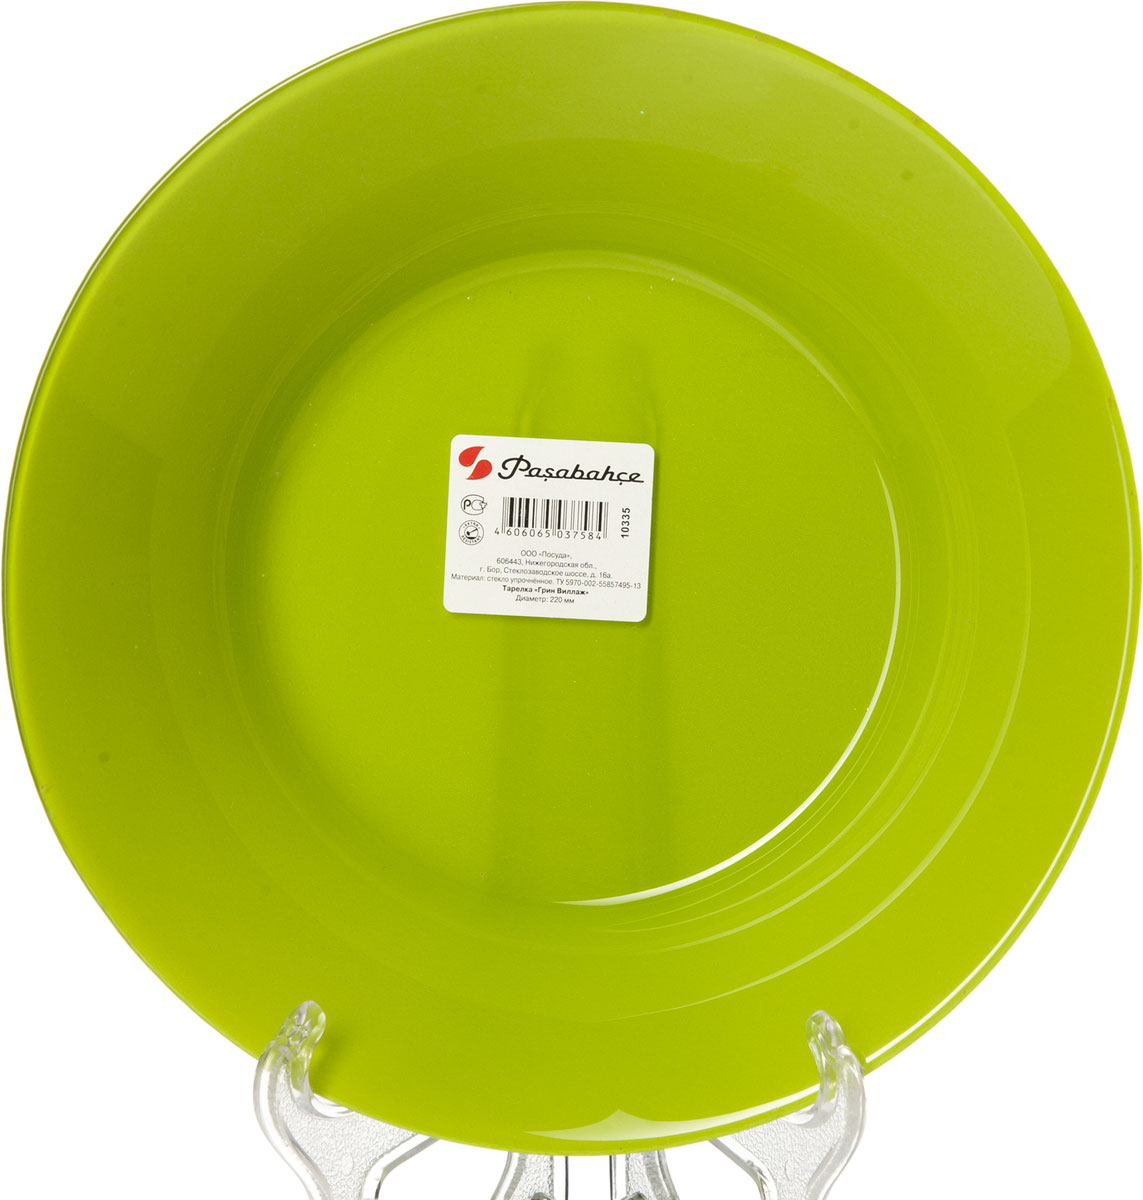 """Тарелка Pasabahce """"Грин Виллаж"""" выполнена из качественного  стекла. Тарелка прекрасно подойдет в качестве сервировочного блюда для фруктов, десертов, закусок, торта и другого.  Изящная тарелка прекрасно оформит праздничный стол и порадует вас и ваших гостей изысканным дизайном и формой.   Диаметр тарелки: 22 см."""